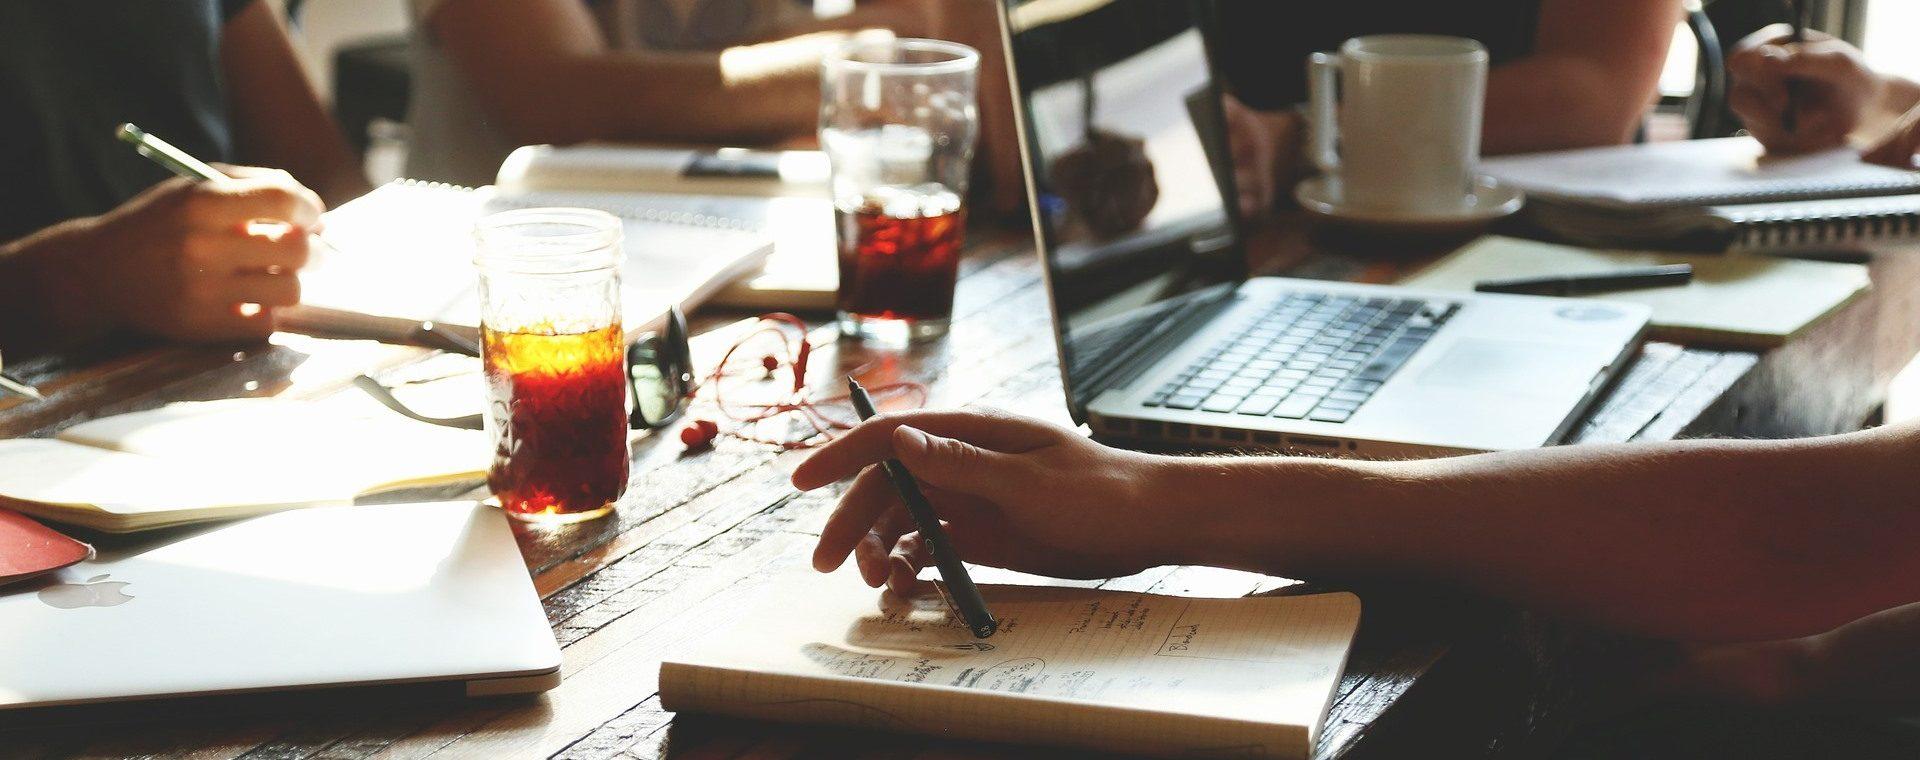 Culturali, creative e digitali: nuove opportunità per la creazione e lo sviluppo di startup